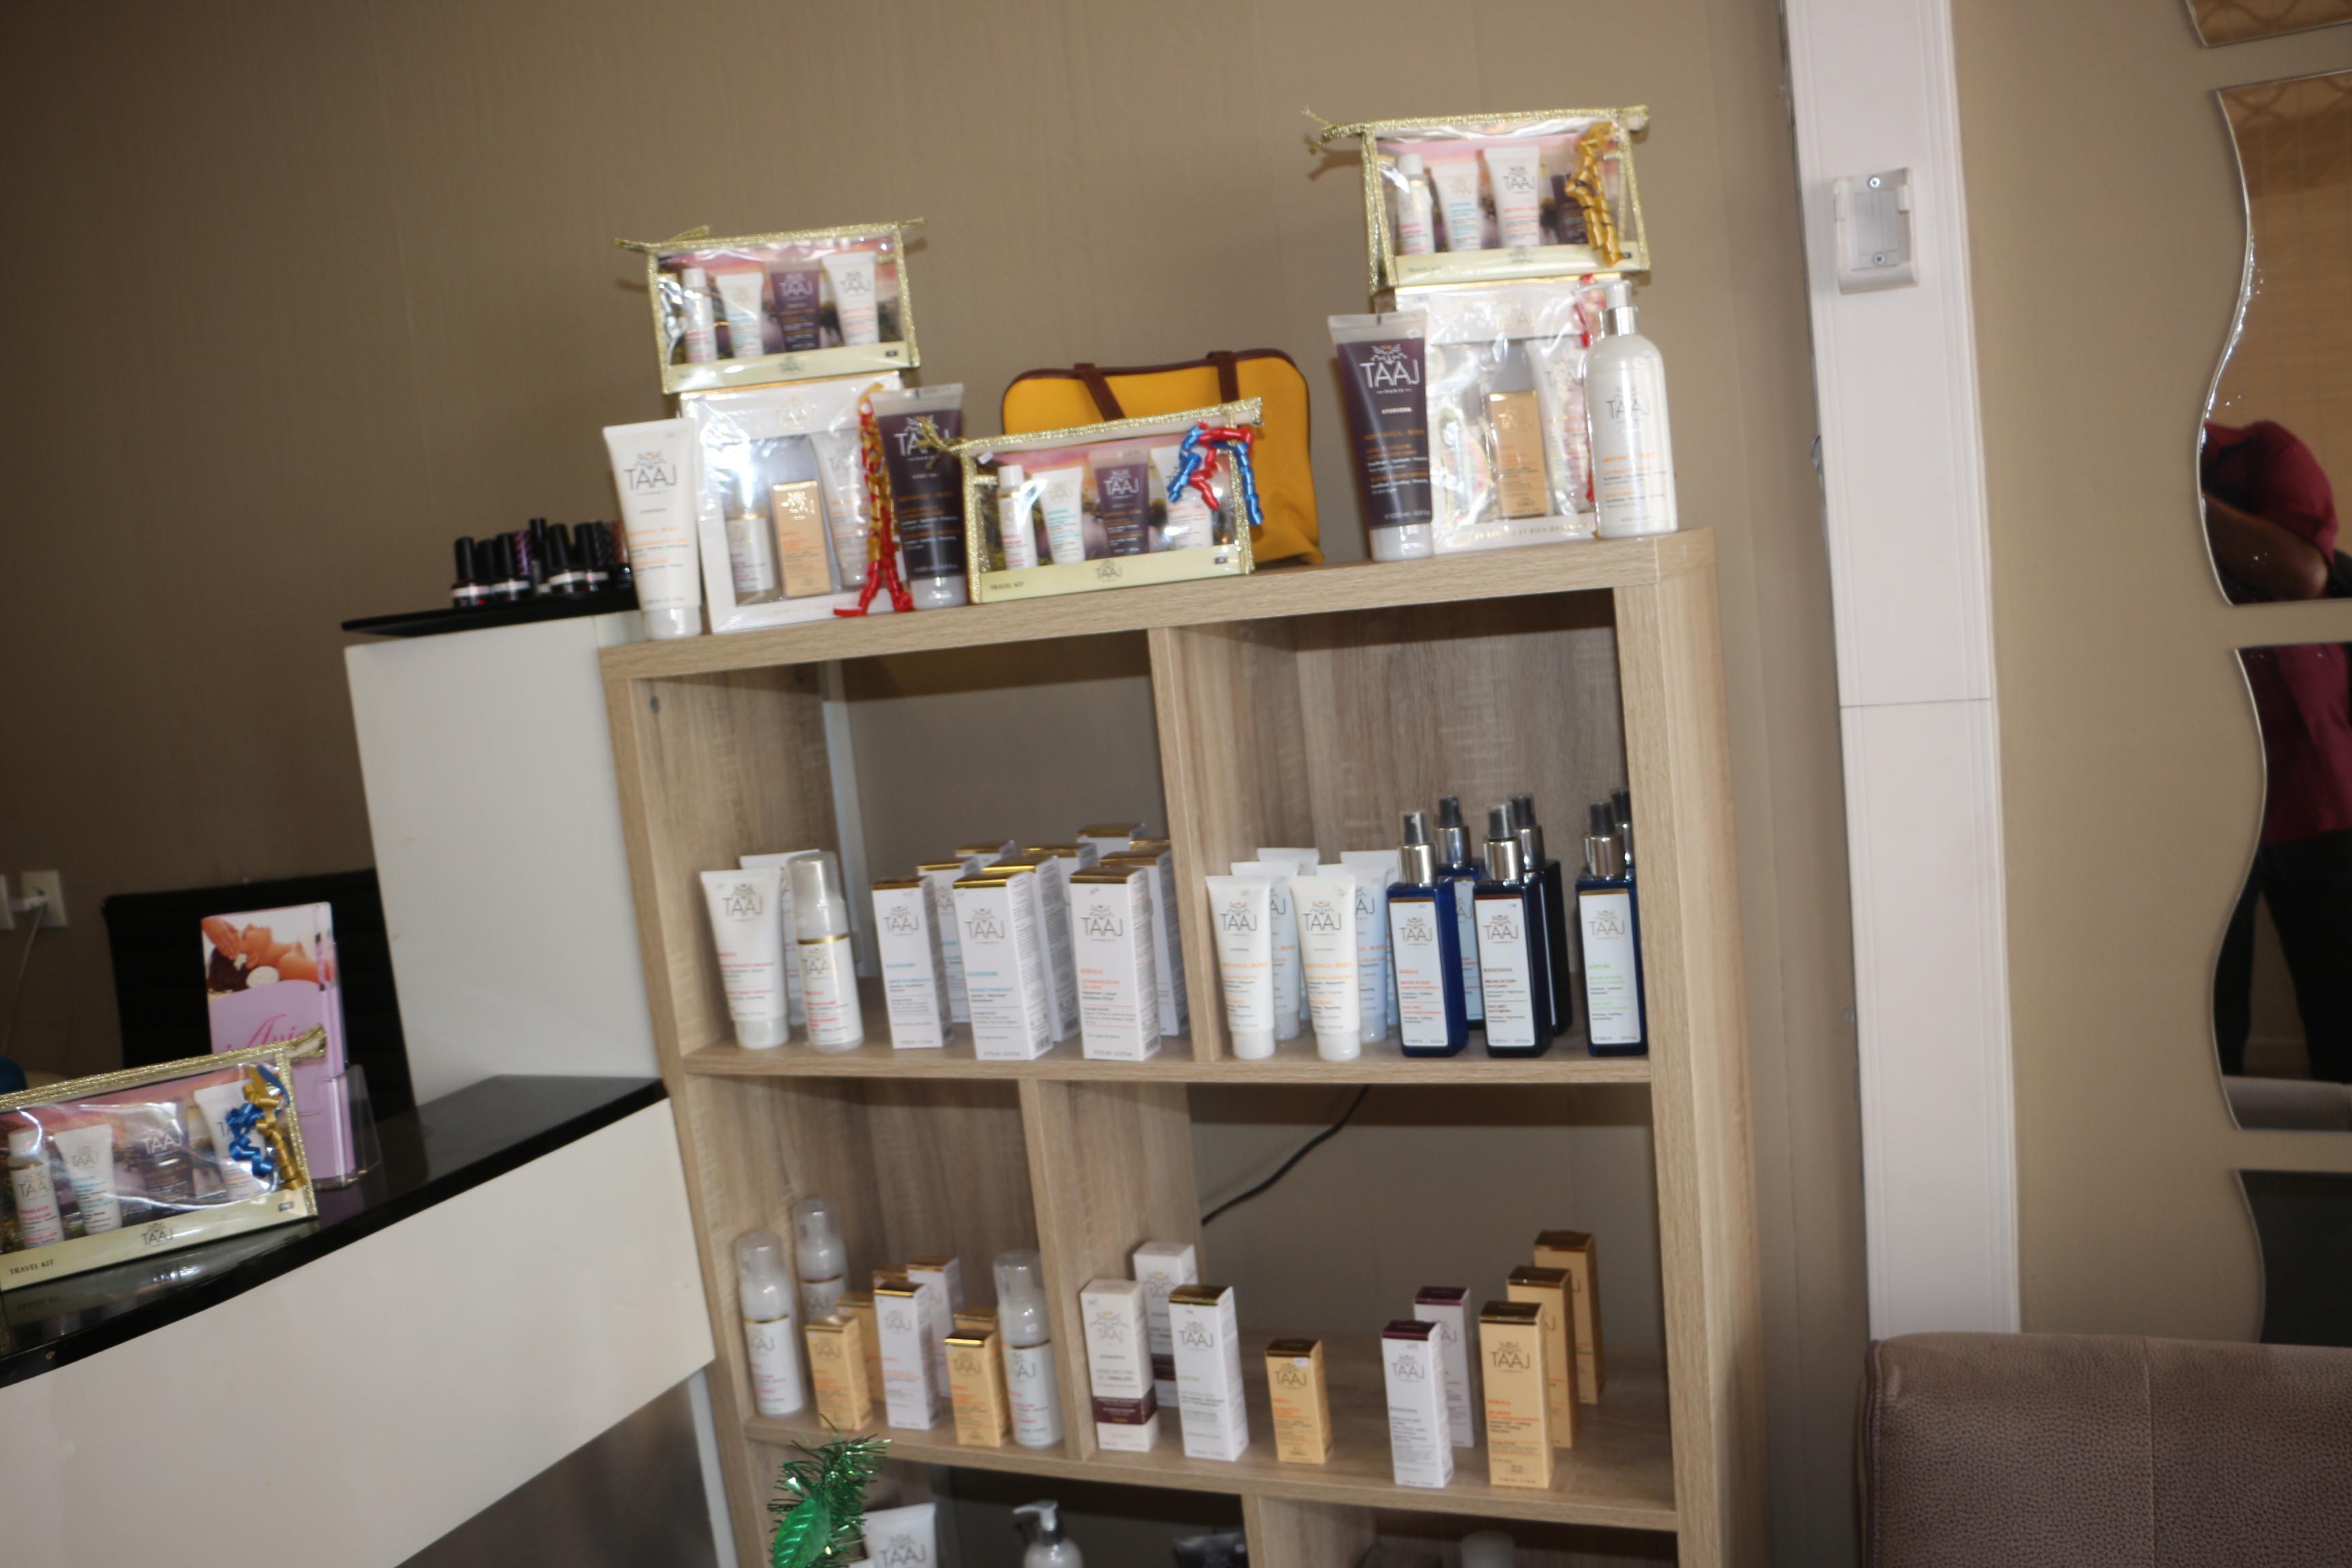 Ania utilise Taaj Paris, à base de produits naturels indiens